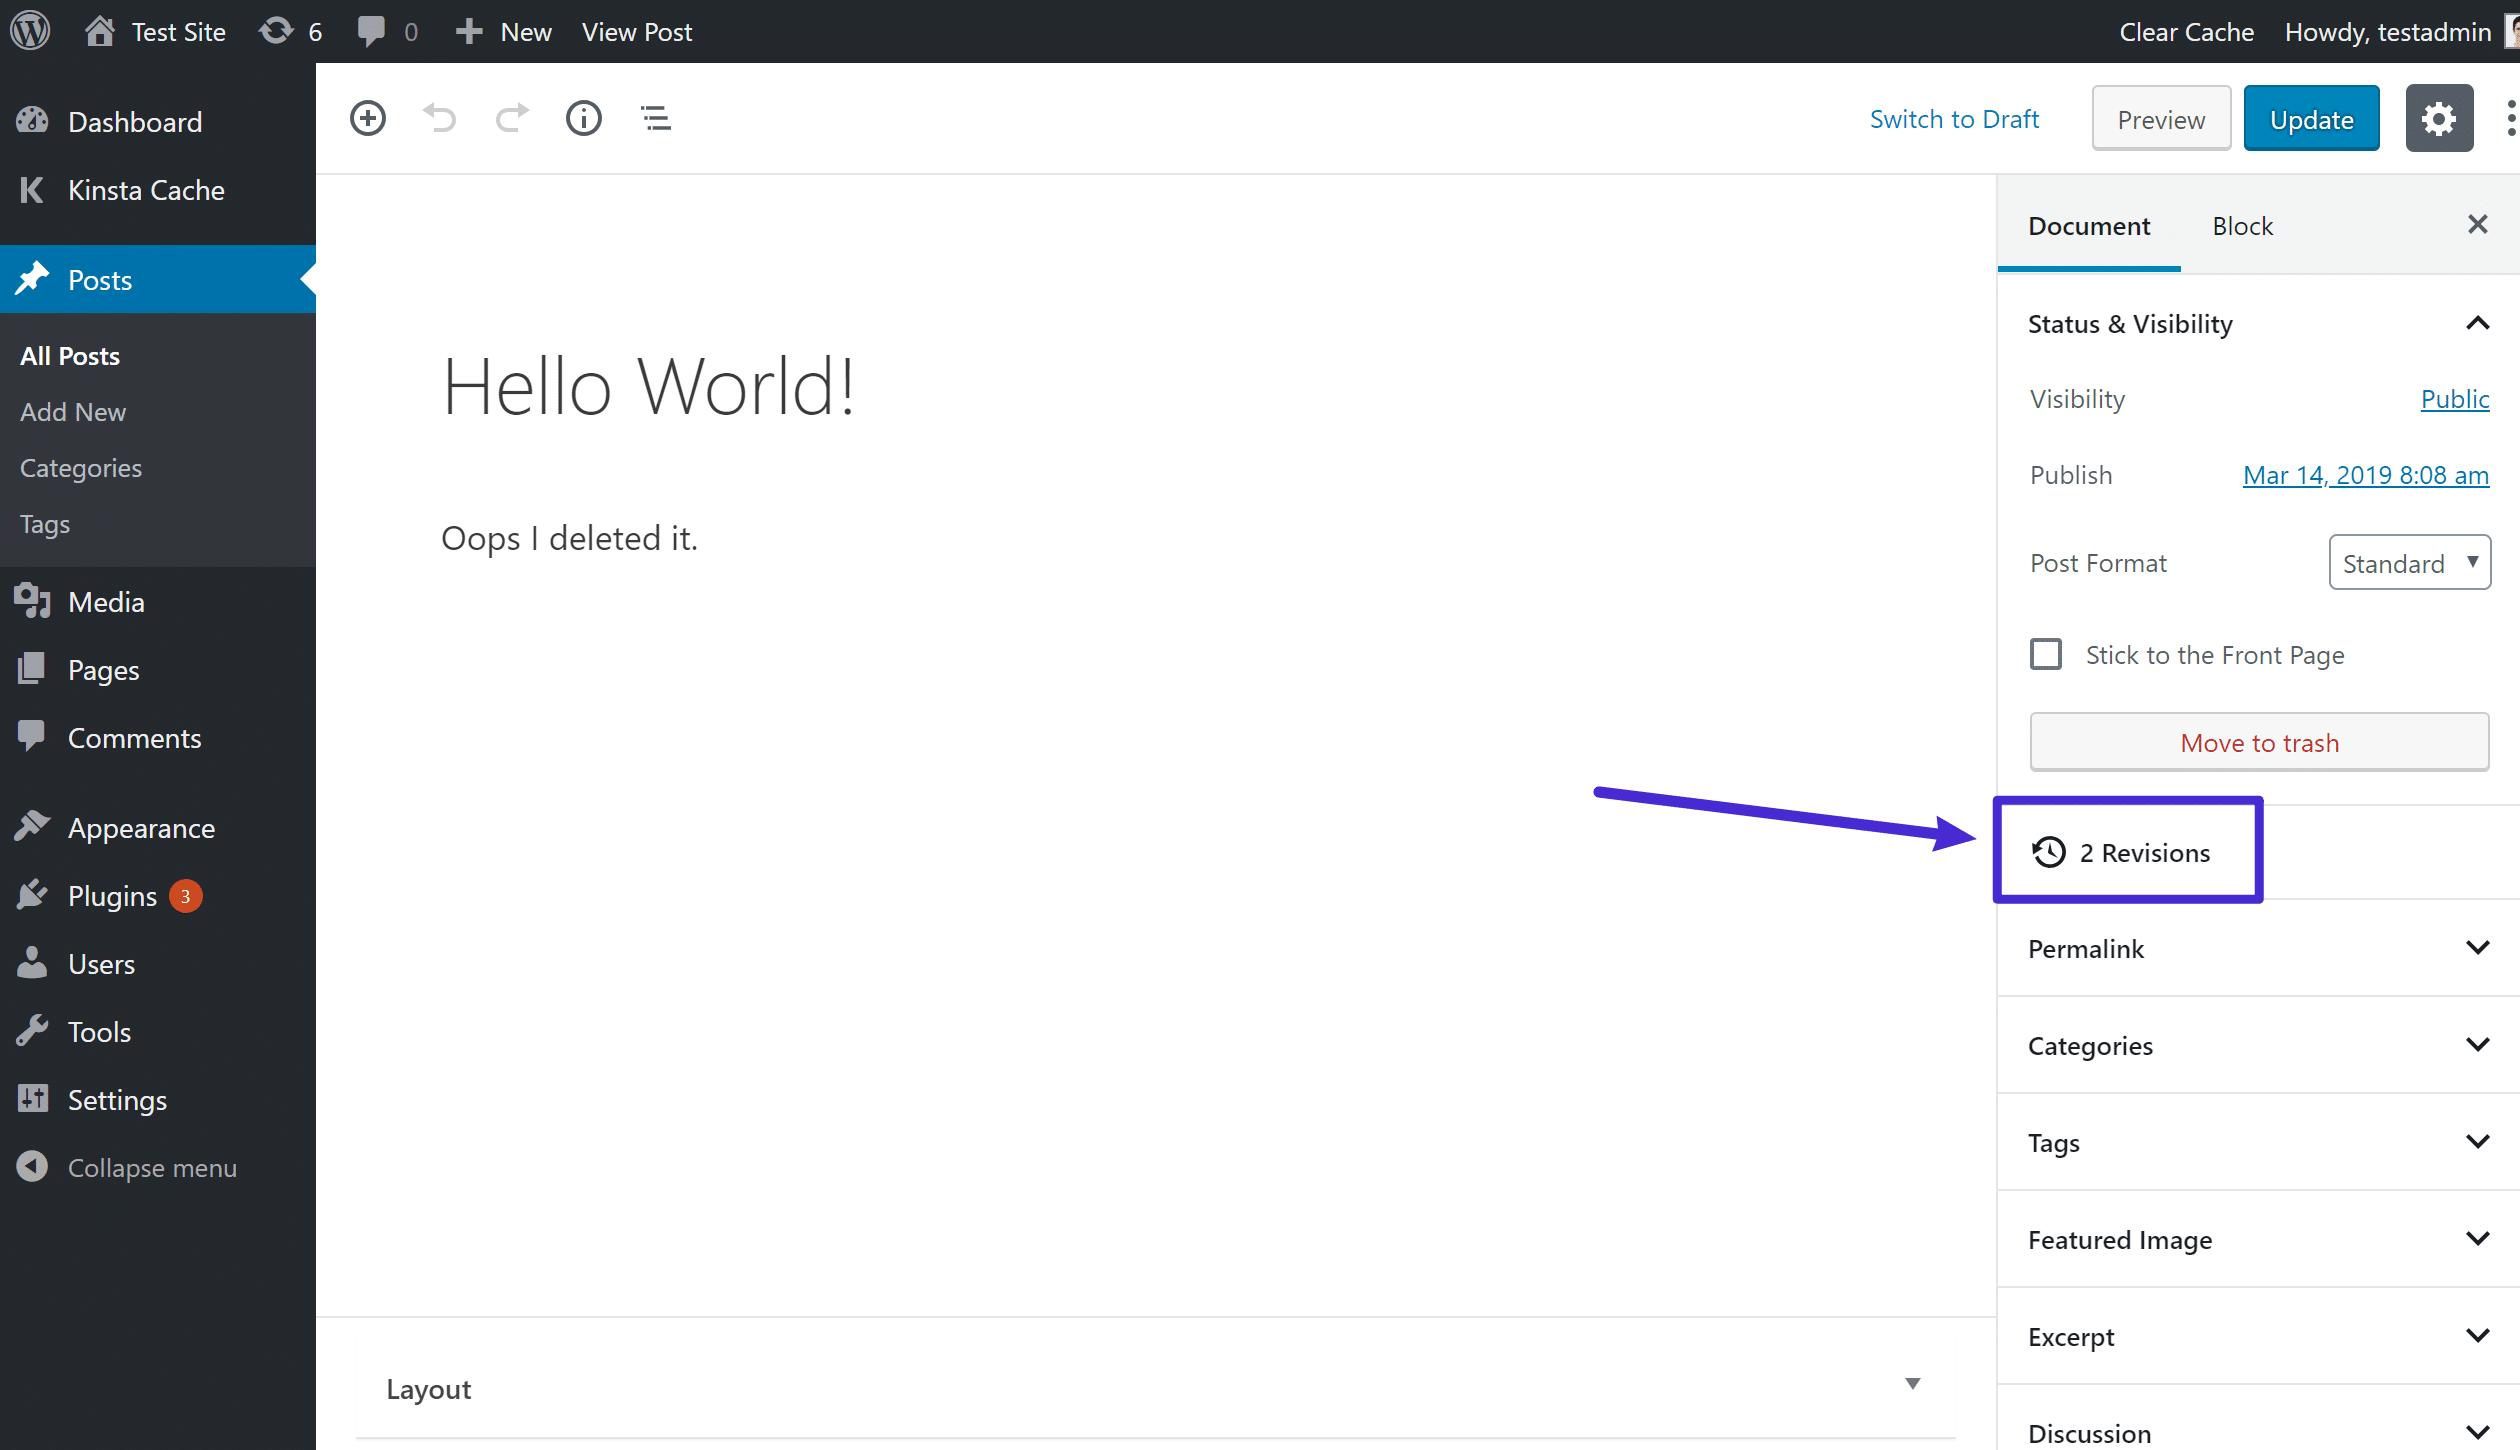 Cómo acceder a las revisiones en el editor de bloque